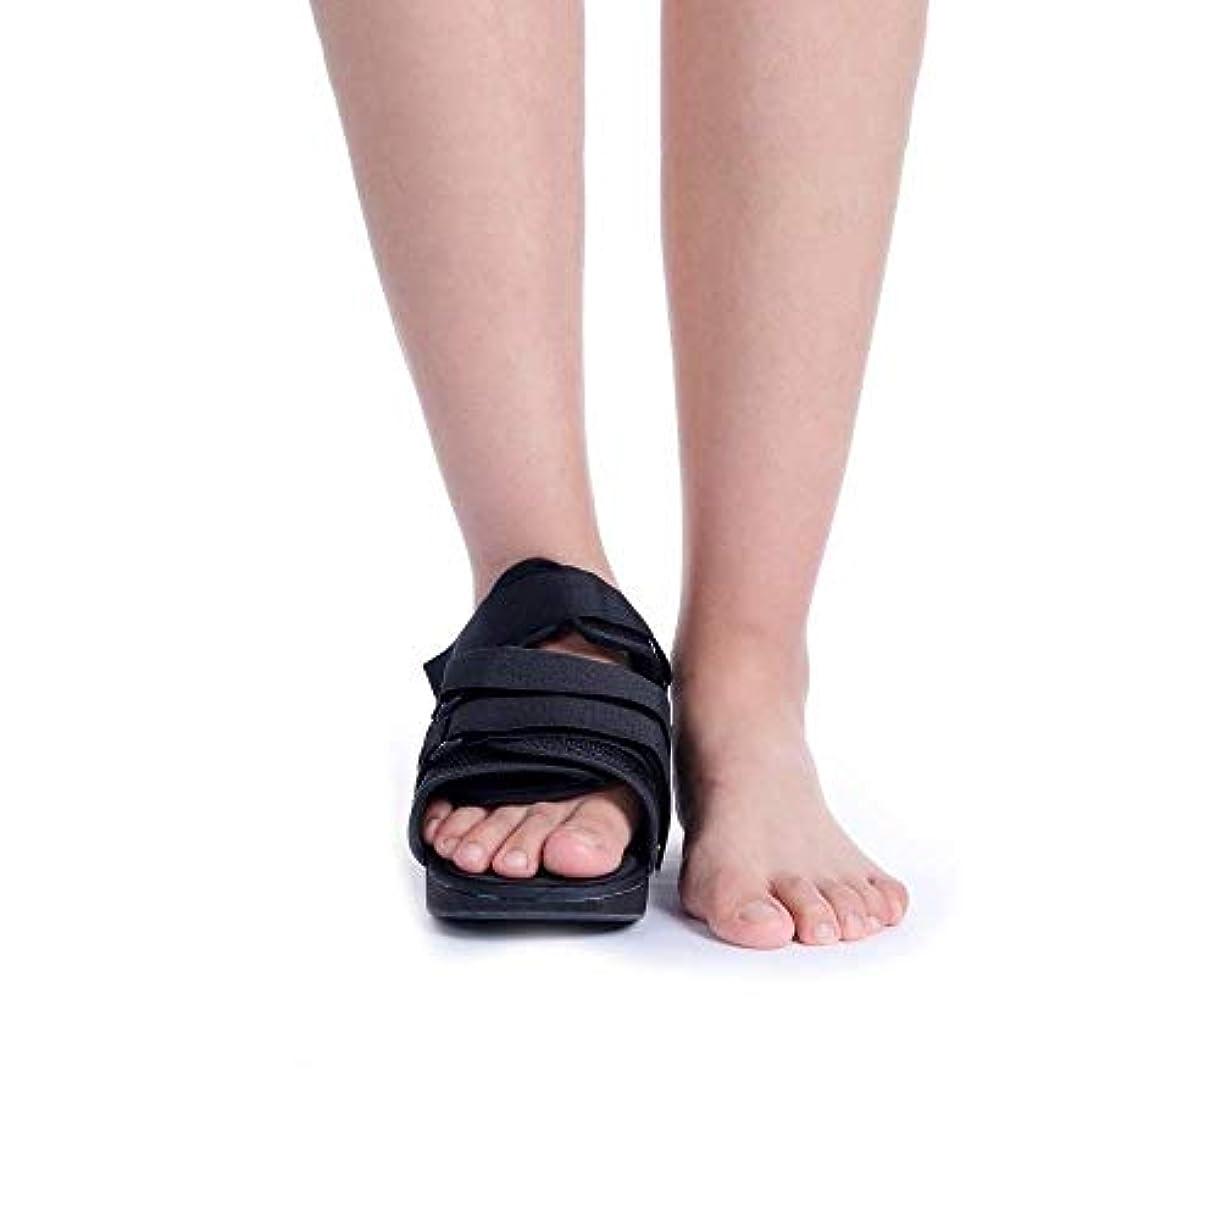 コンピューターを使用する離れてに同意する術後靴 - 従来の履物を使用することができない場合に、足またはつま先の手術/手術に最適です。 (Size : S)